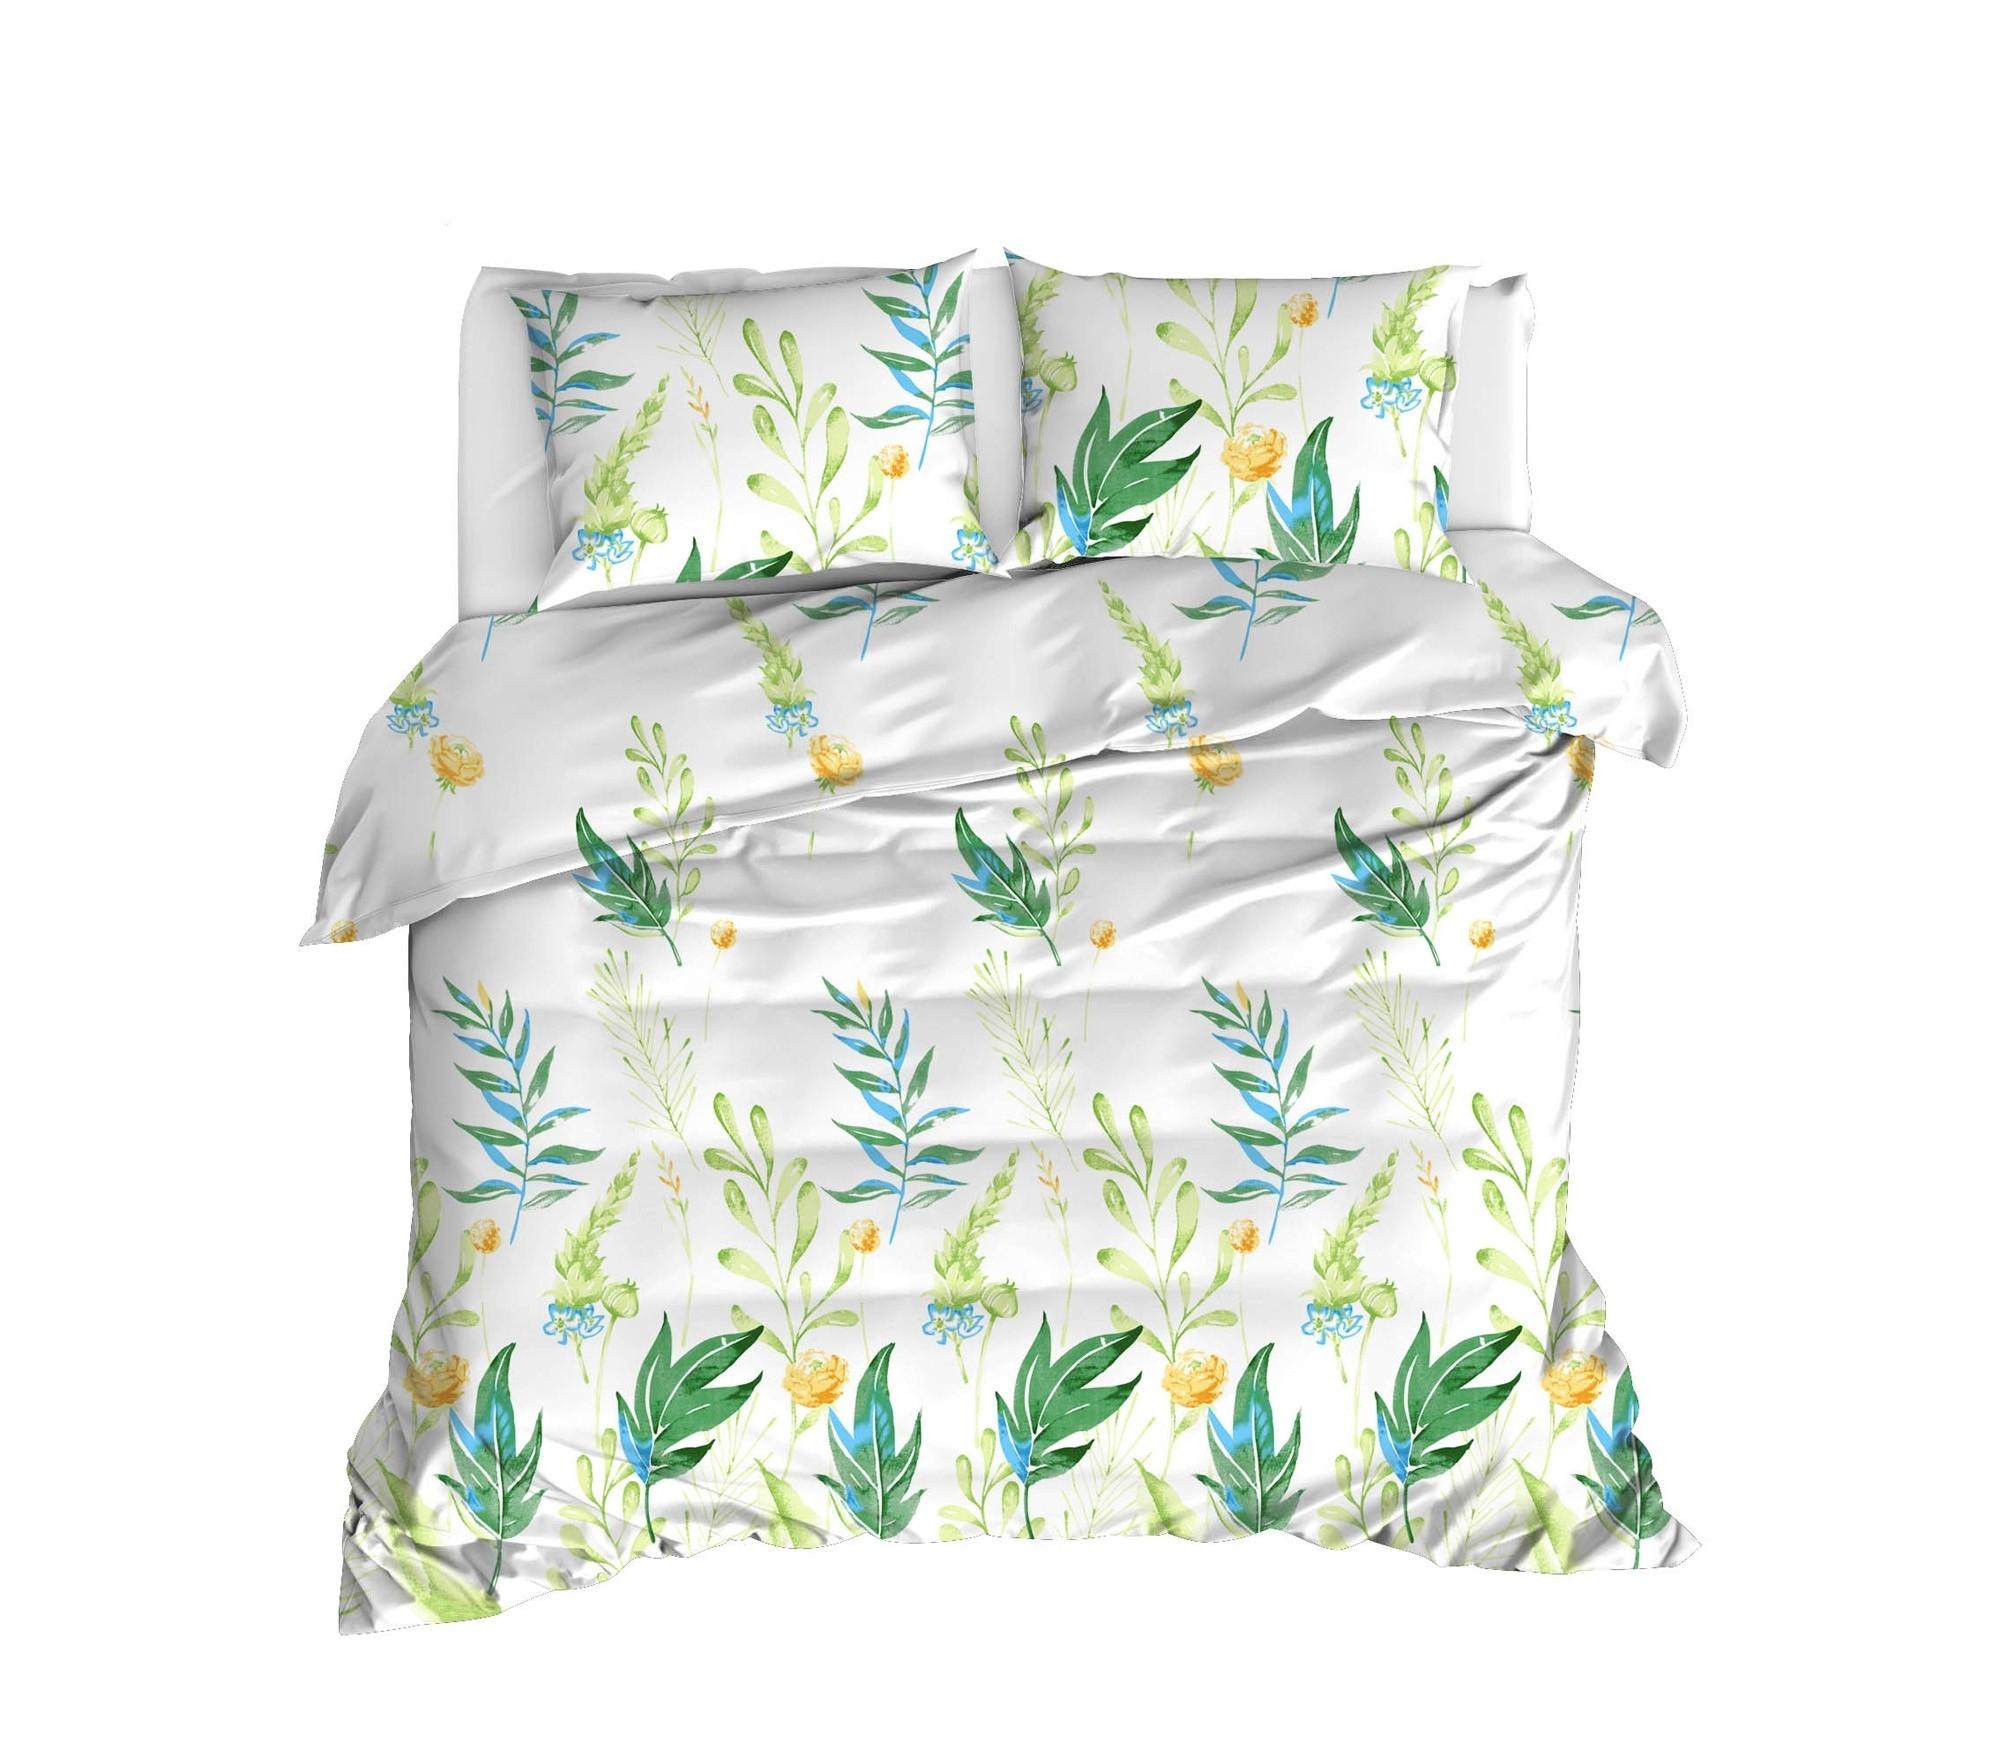 Lenjerie de pat din bumbac Ranforce Arta Alb / Verde, 200 x 220 cm imagine